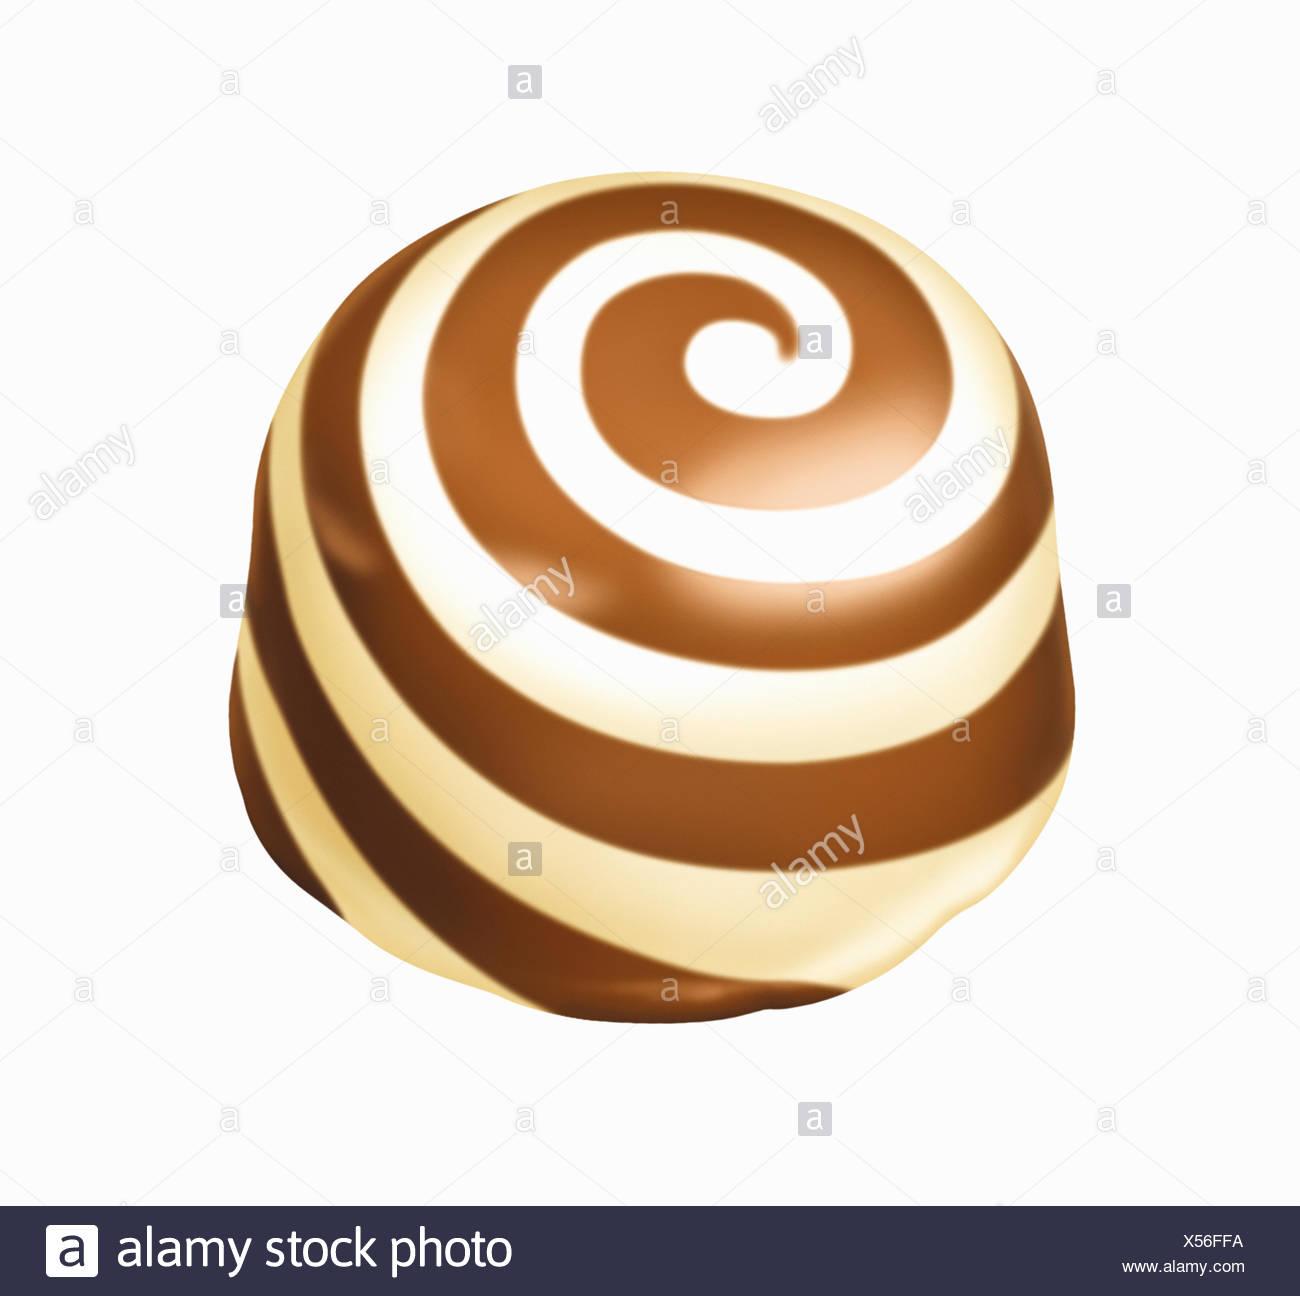 Chocolate truffle with white chocolate swirl - Stock Image